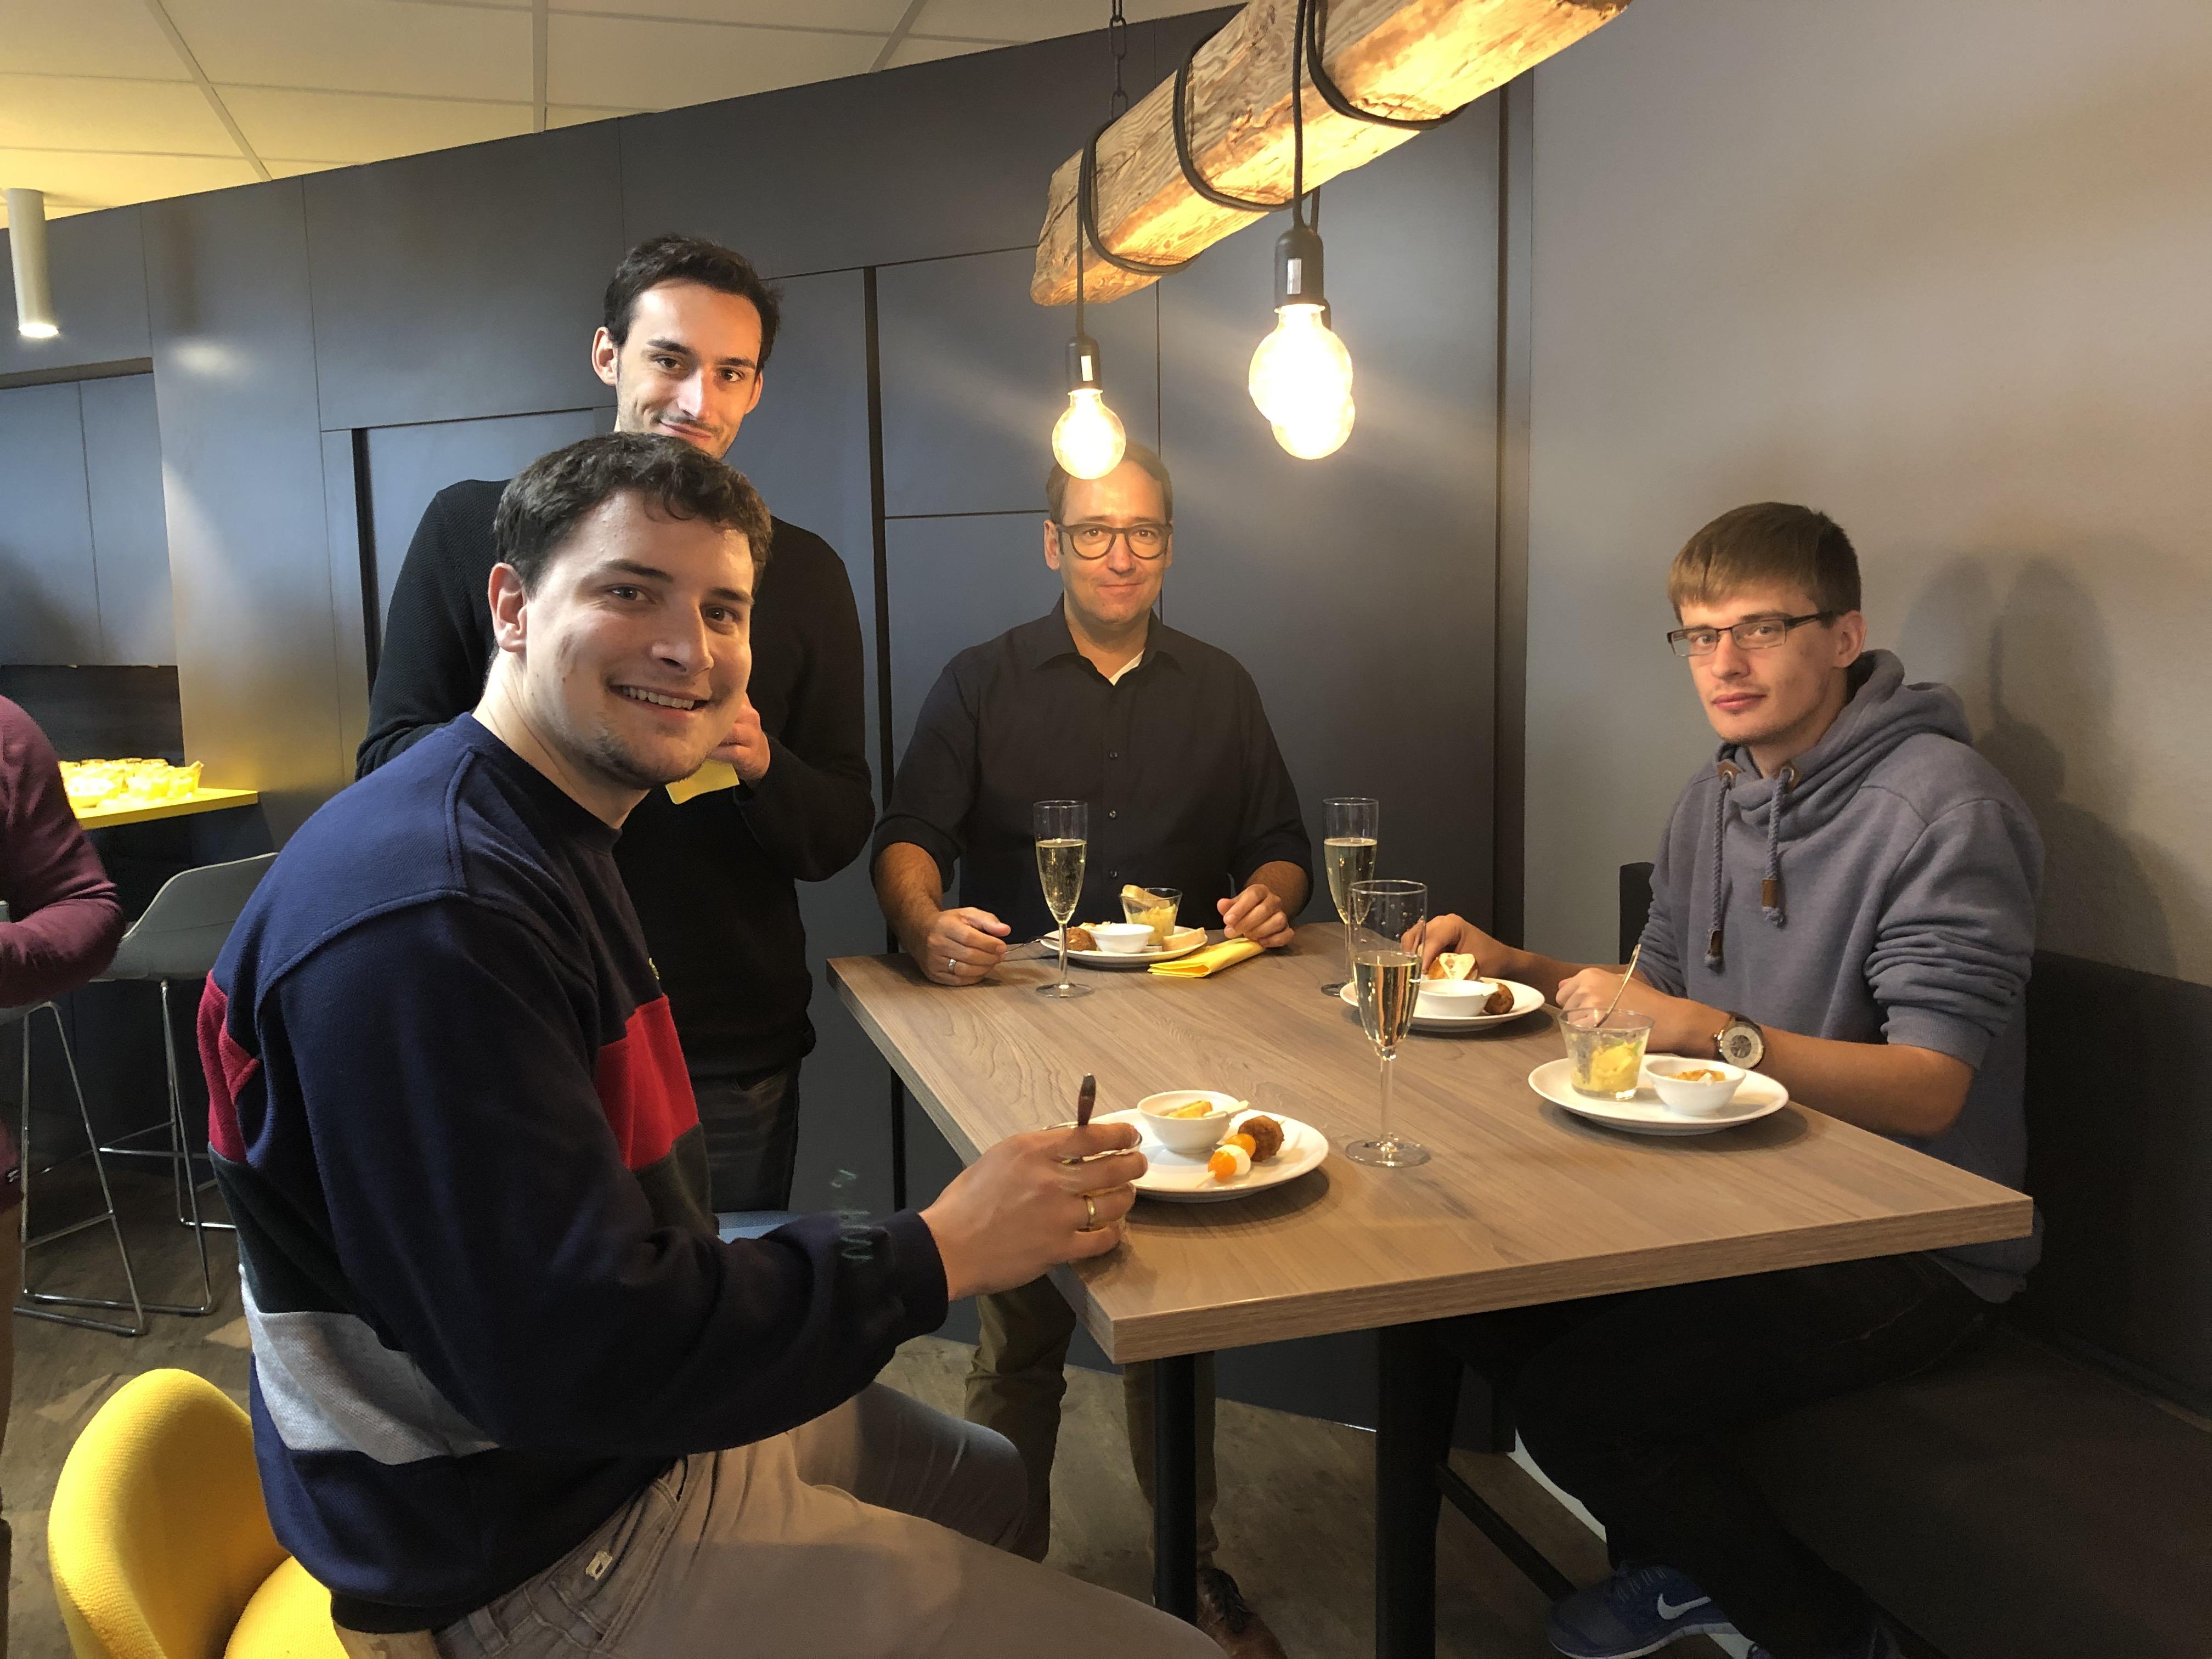 News Foto Einweihung Lounge 3 - Gepflegt chillen und arbeiten: Innovabee weiht neue Lounge ein